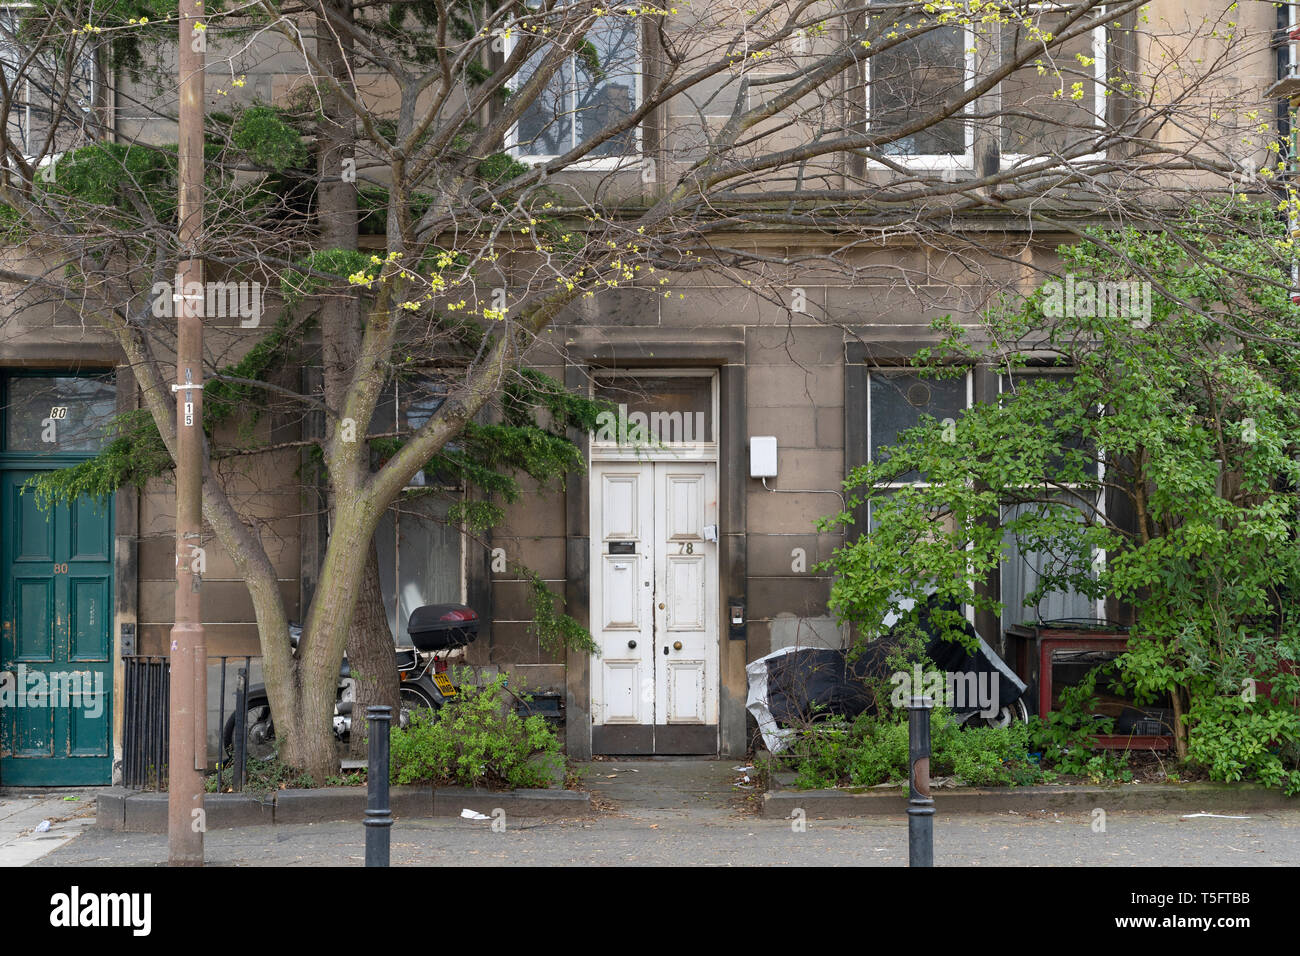 El exterior de la casa en 78 Montgomery Street en Edimburgo, Escocia, Reino Unido. Las empresas inscritas en esta dirección acusado de blanqueo de capitales Foto de stock